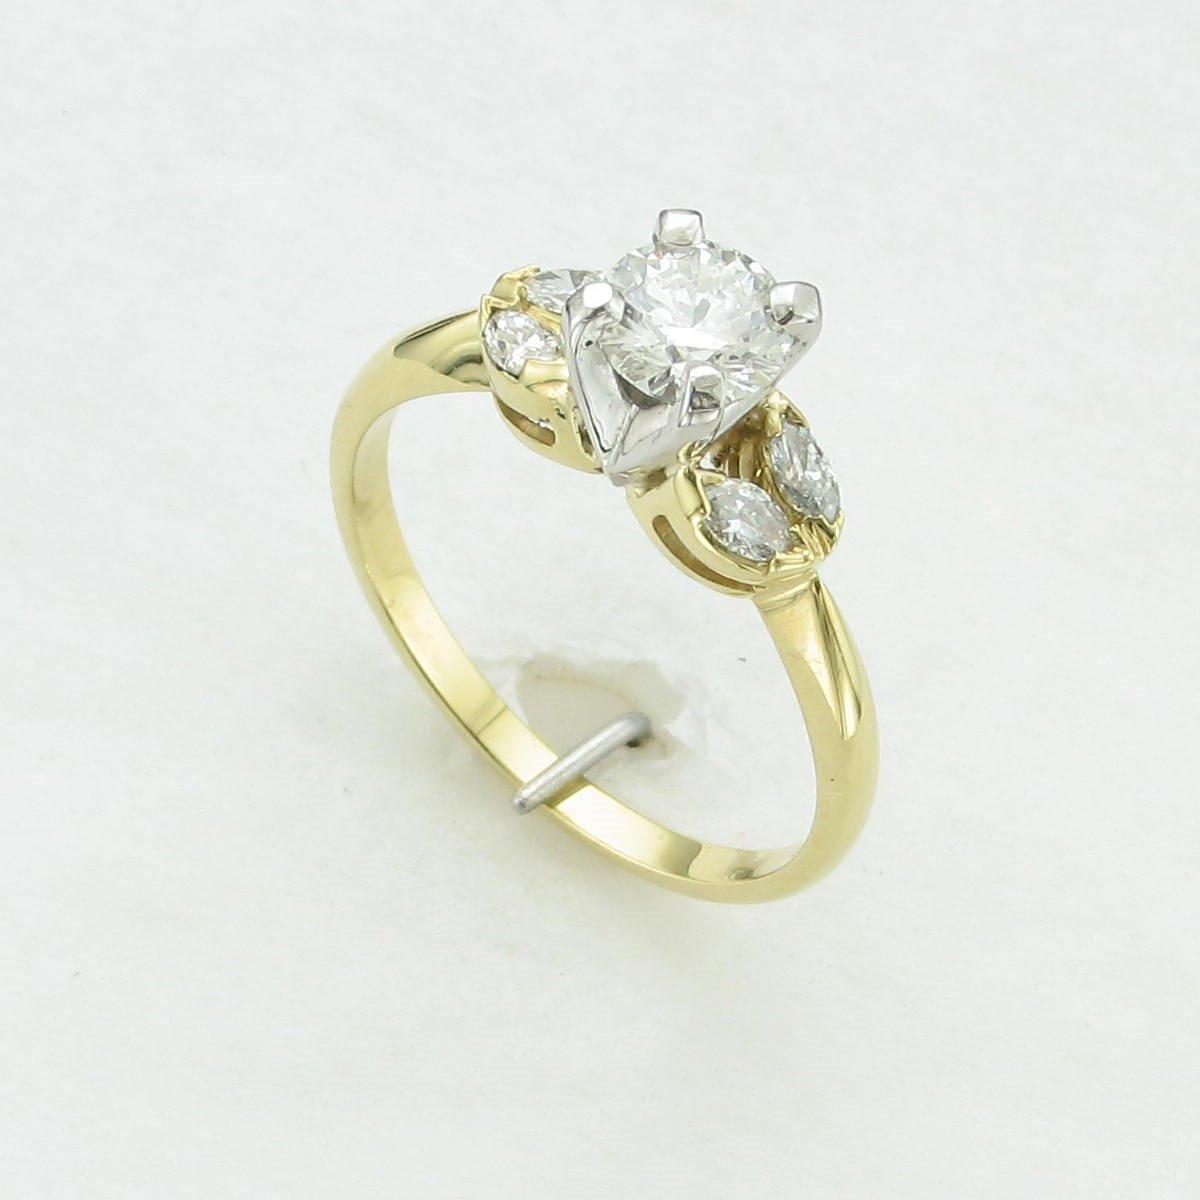 0.57ct Diamond Ring Set in 18 Karat Yellow Gold